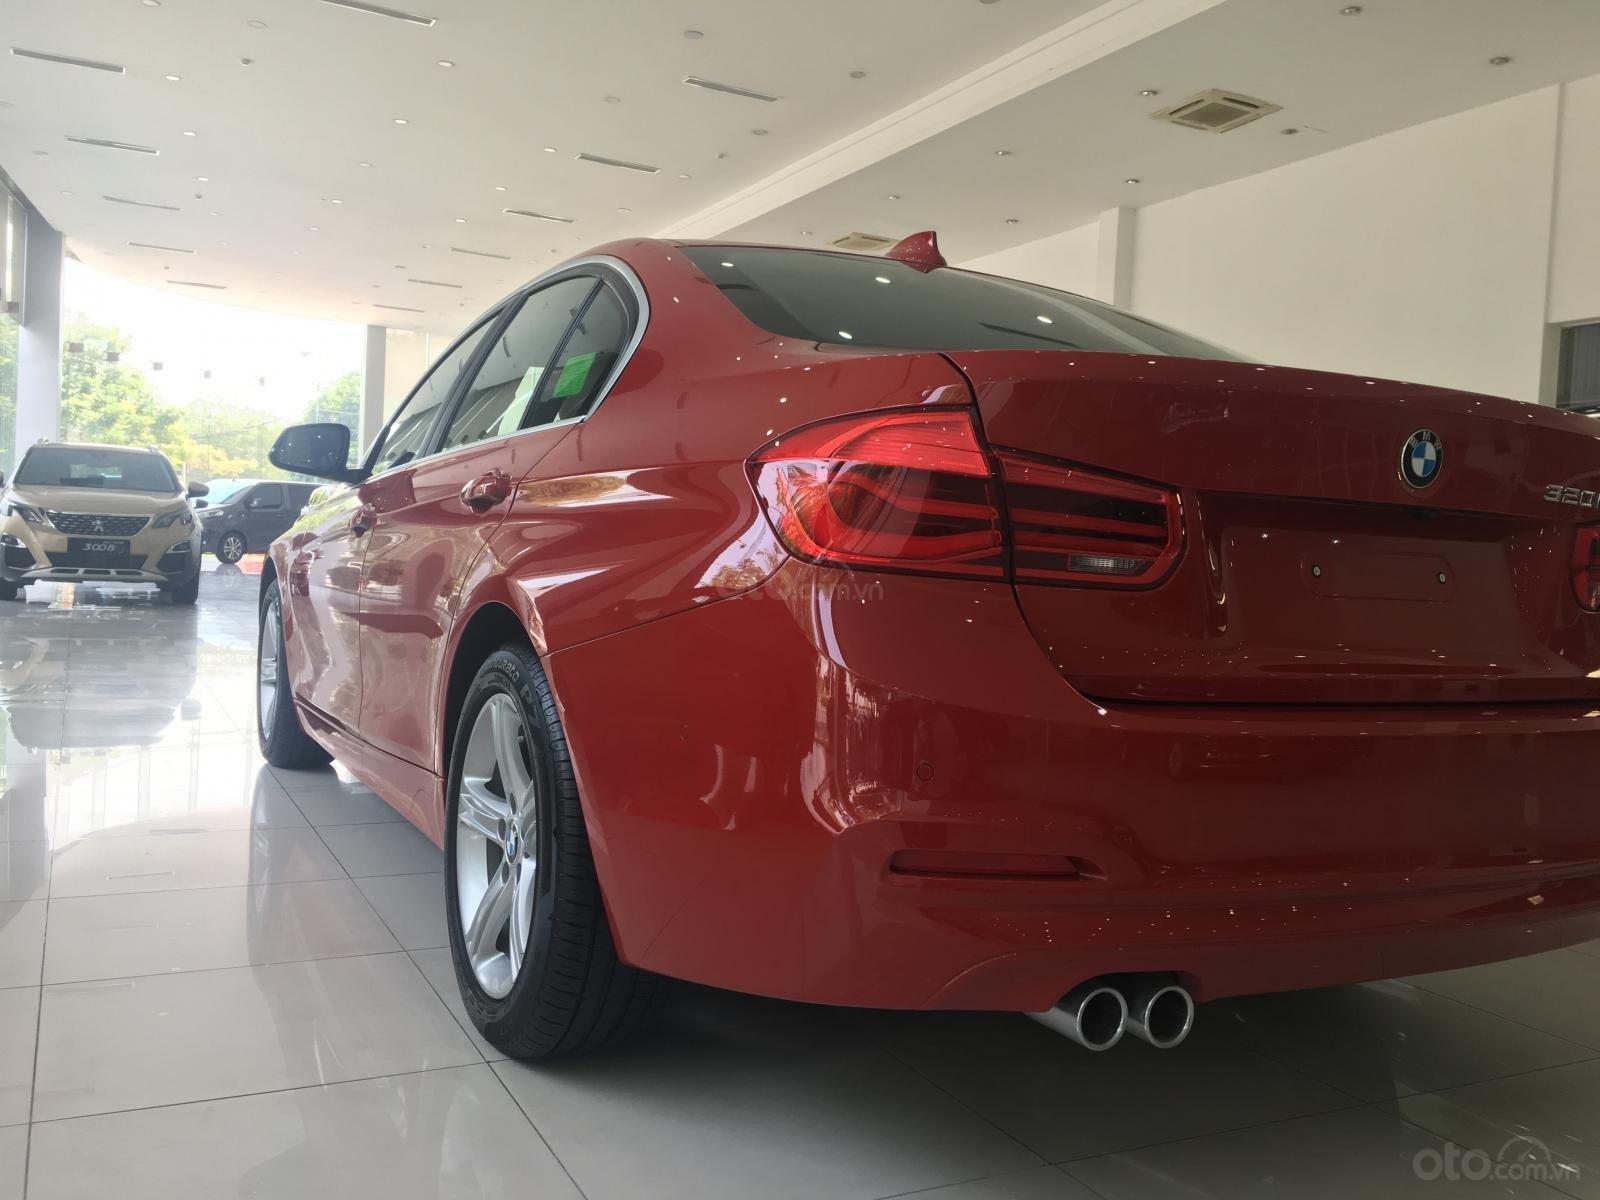 Ưu đãi 16% giá xe BMW 320i - xe có sẵn - giao xe ngay (11)